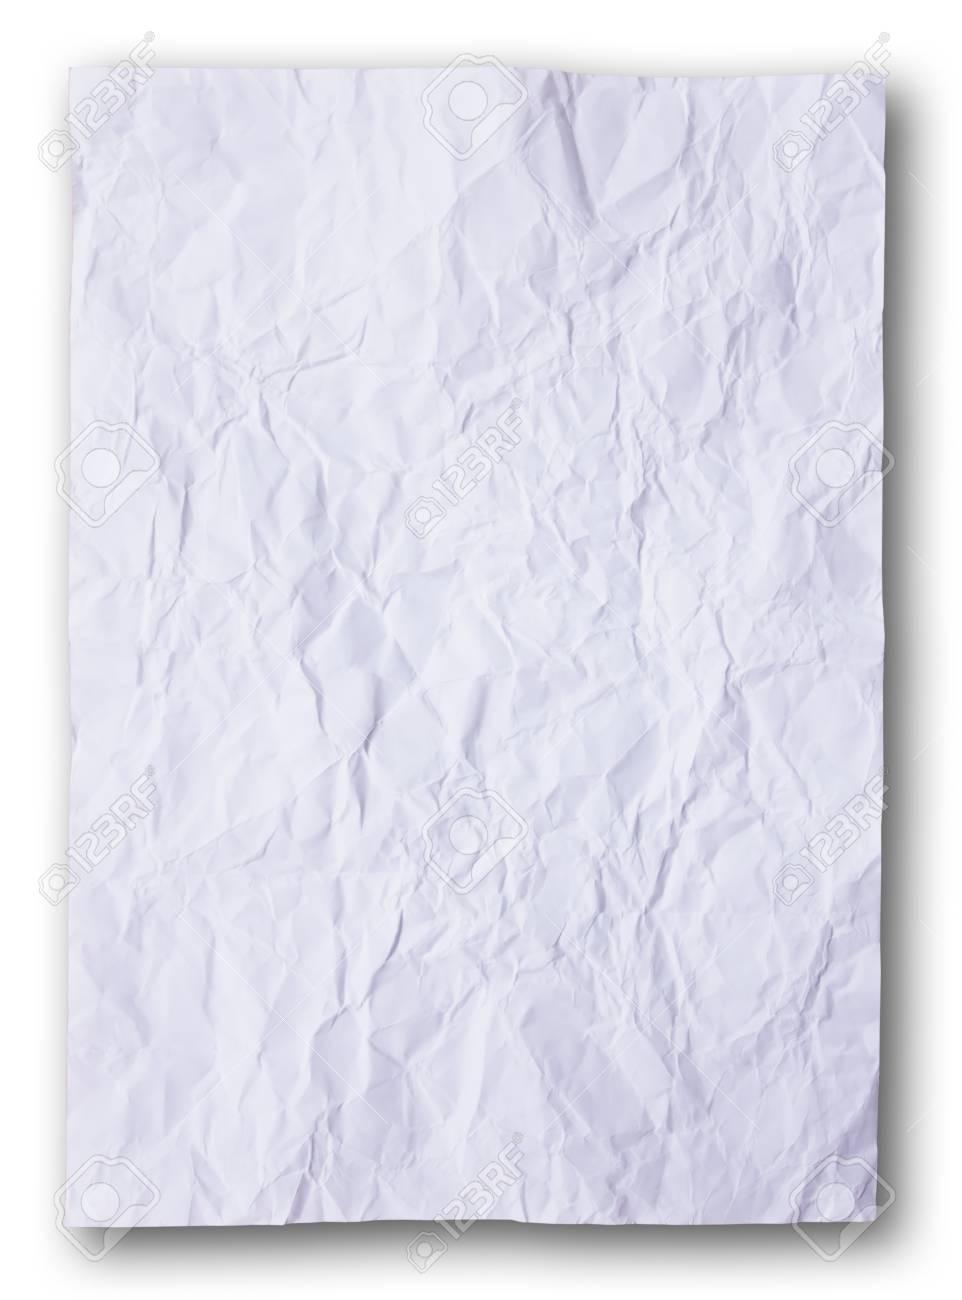 Immagini Stock Bianco Carta Sullo Sfondo Bianco Sgualcita Image